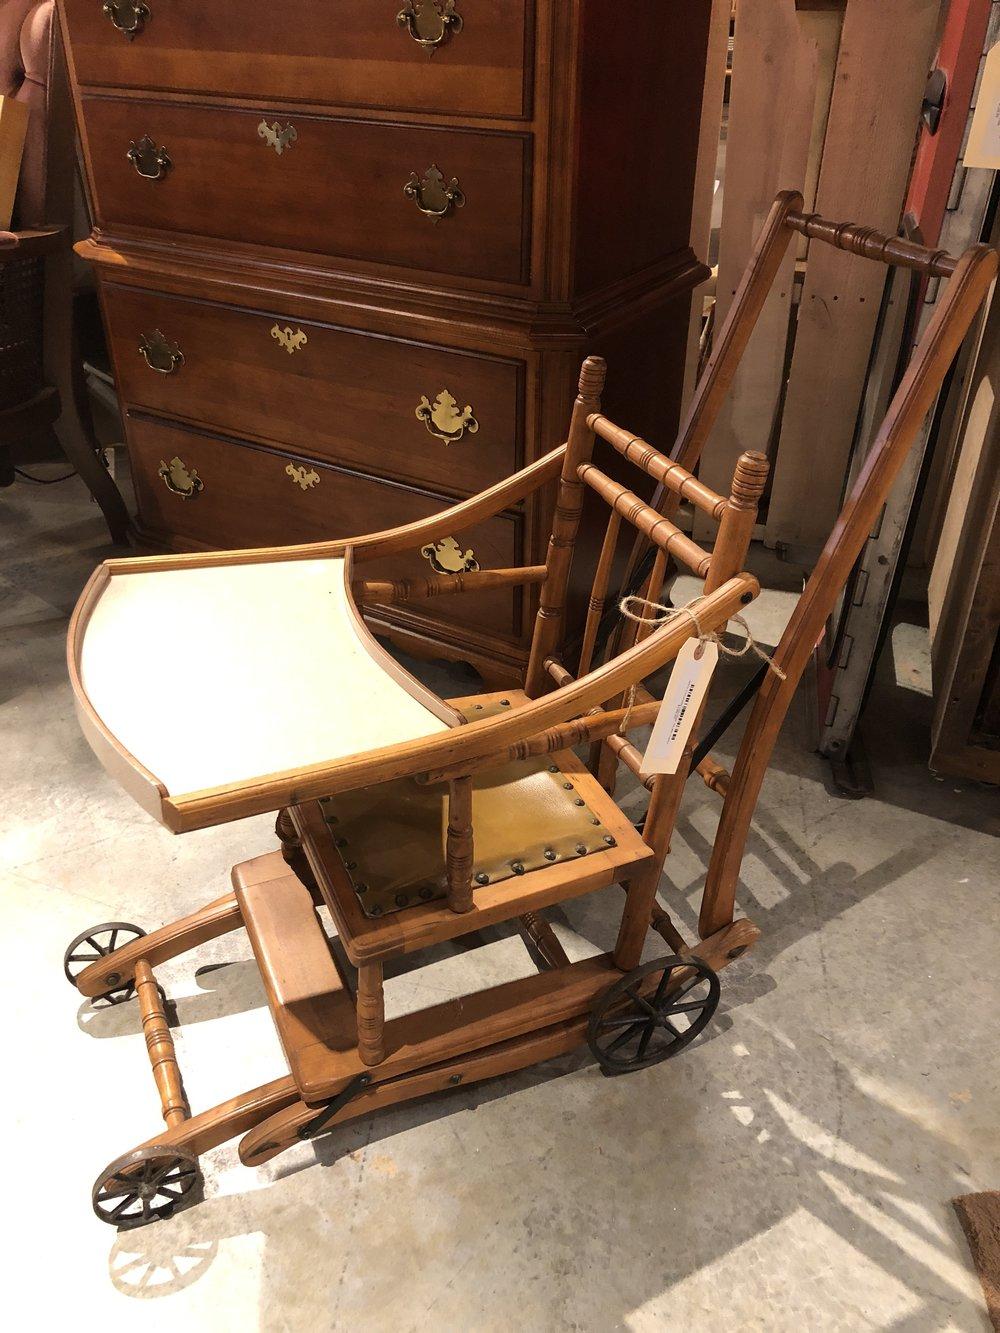 1800's Convertible Highchair/ Stroller $179.95 - C0907 17412